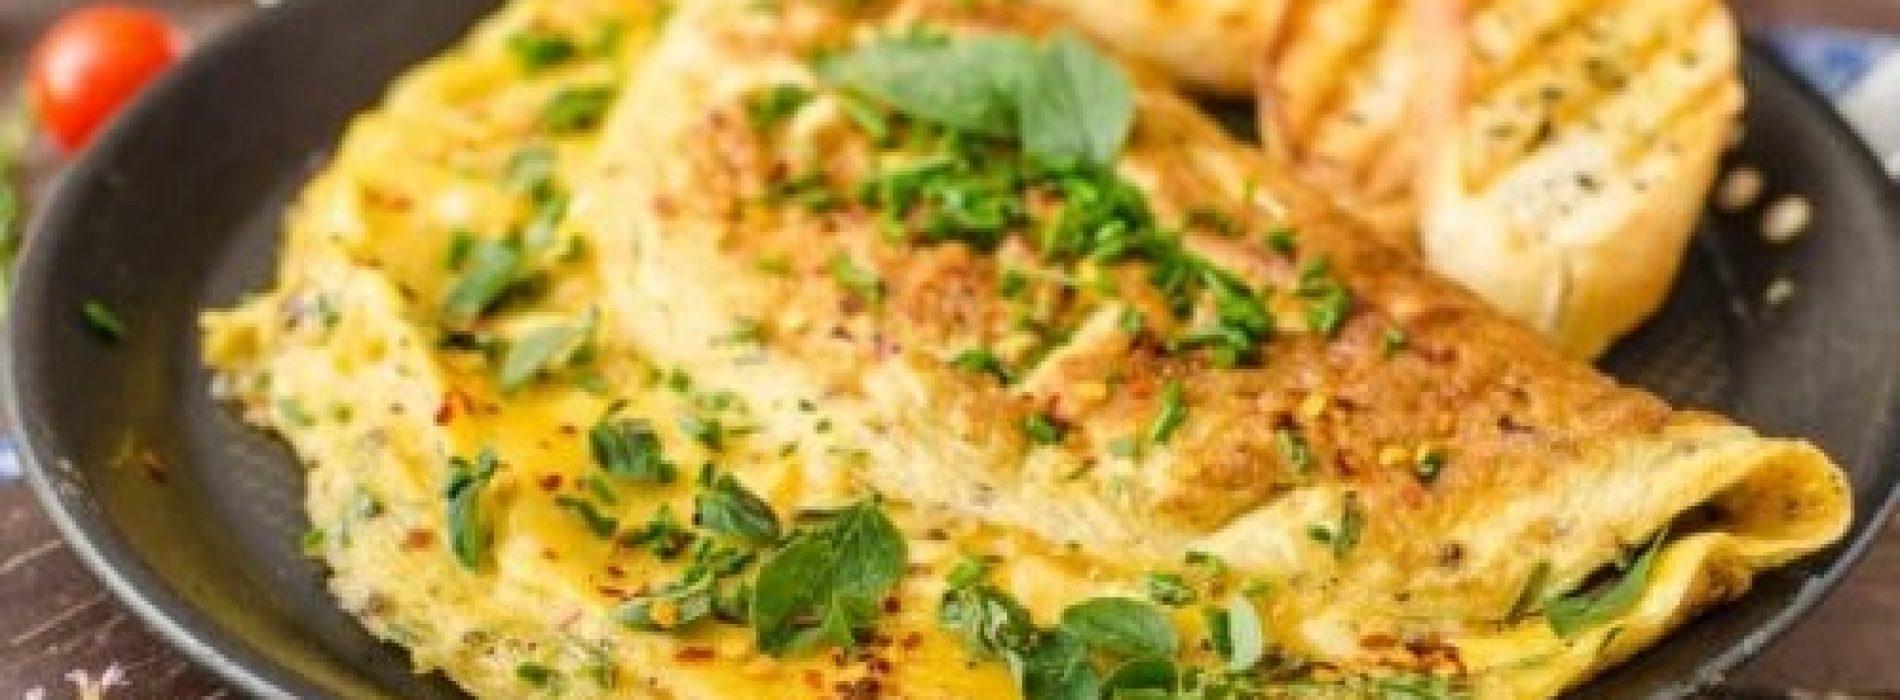 Gezondheid begint met een goed ontbijt -Spaanse omelet met spinazie, Chia zaden en Spirulina